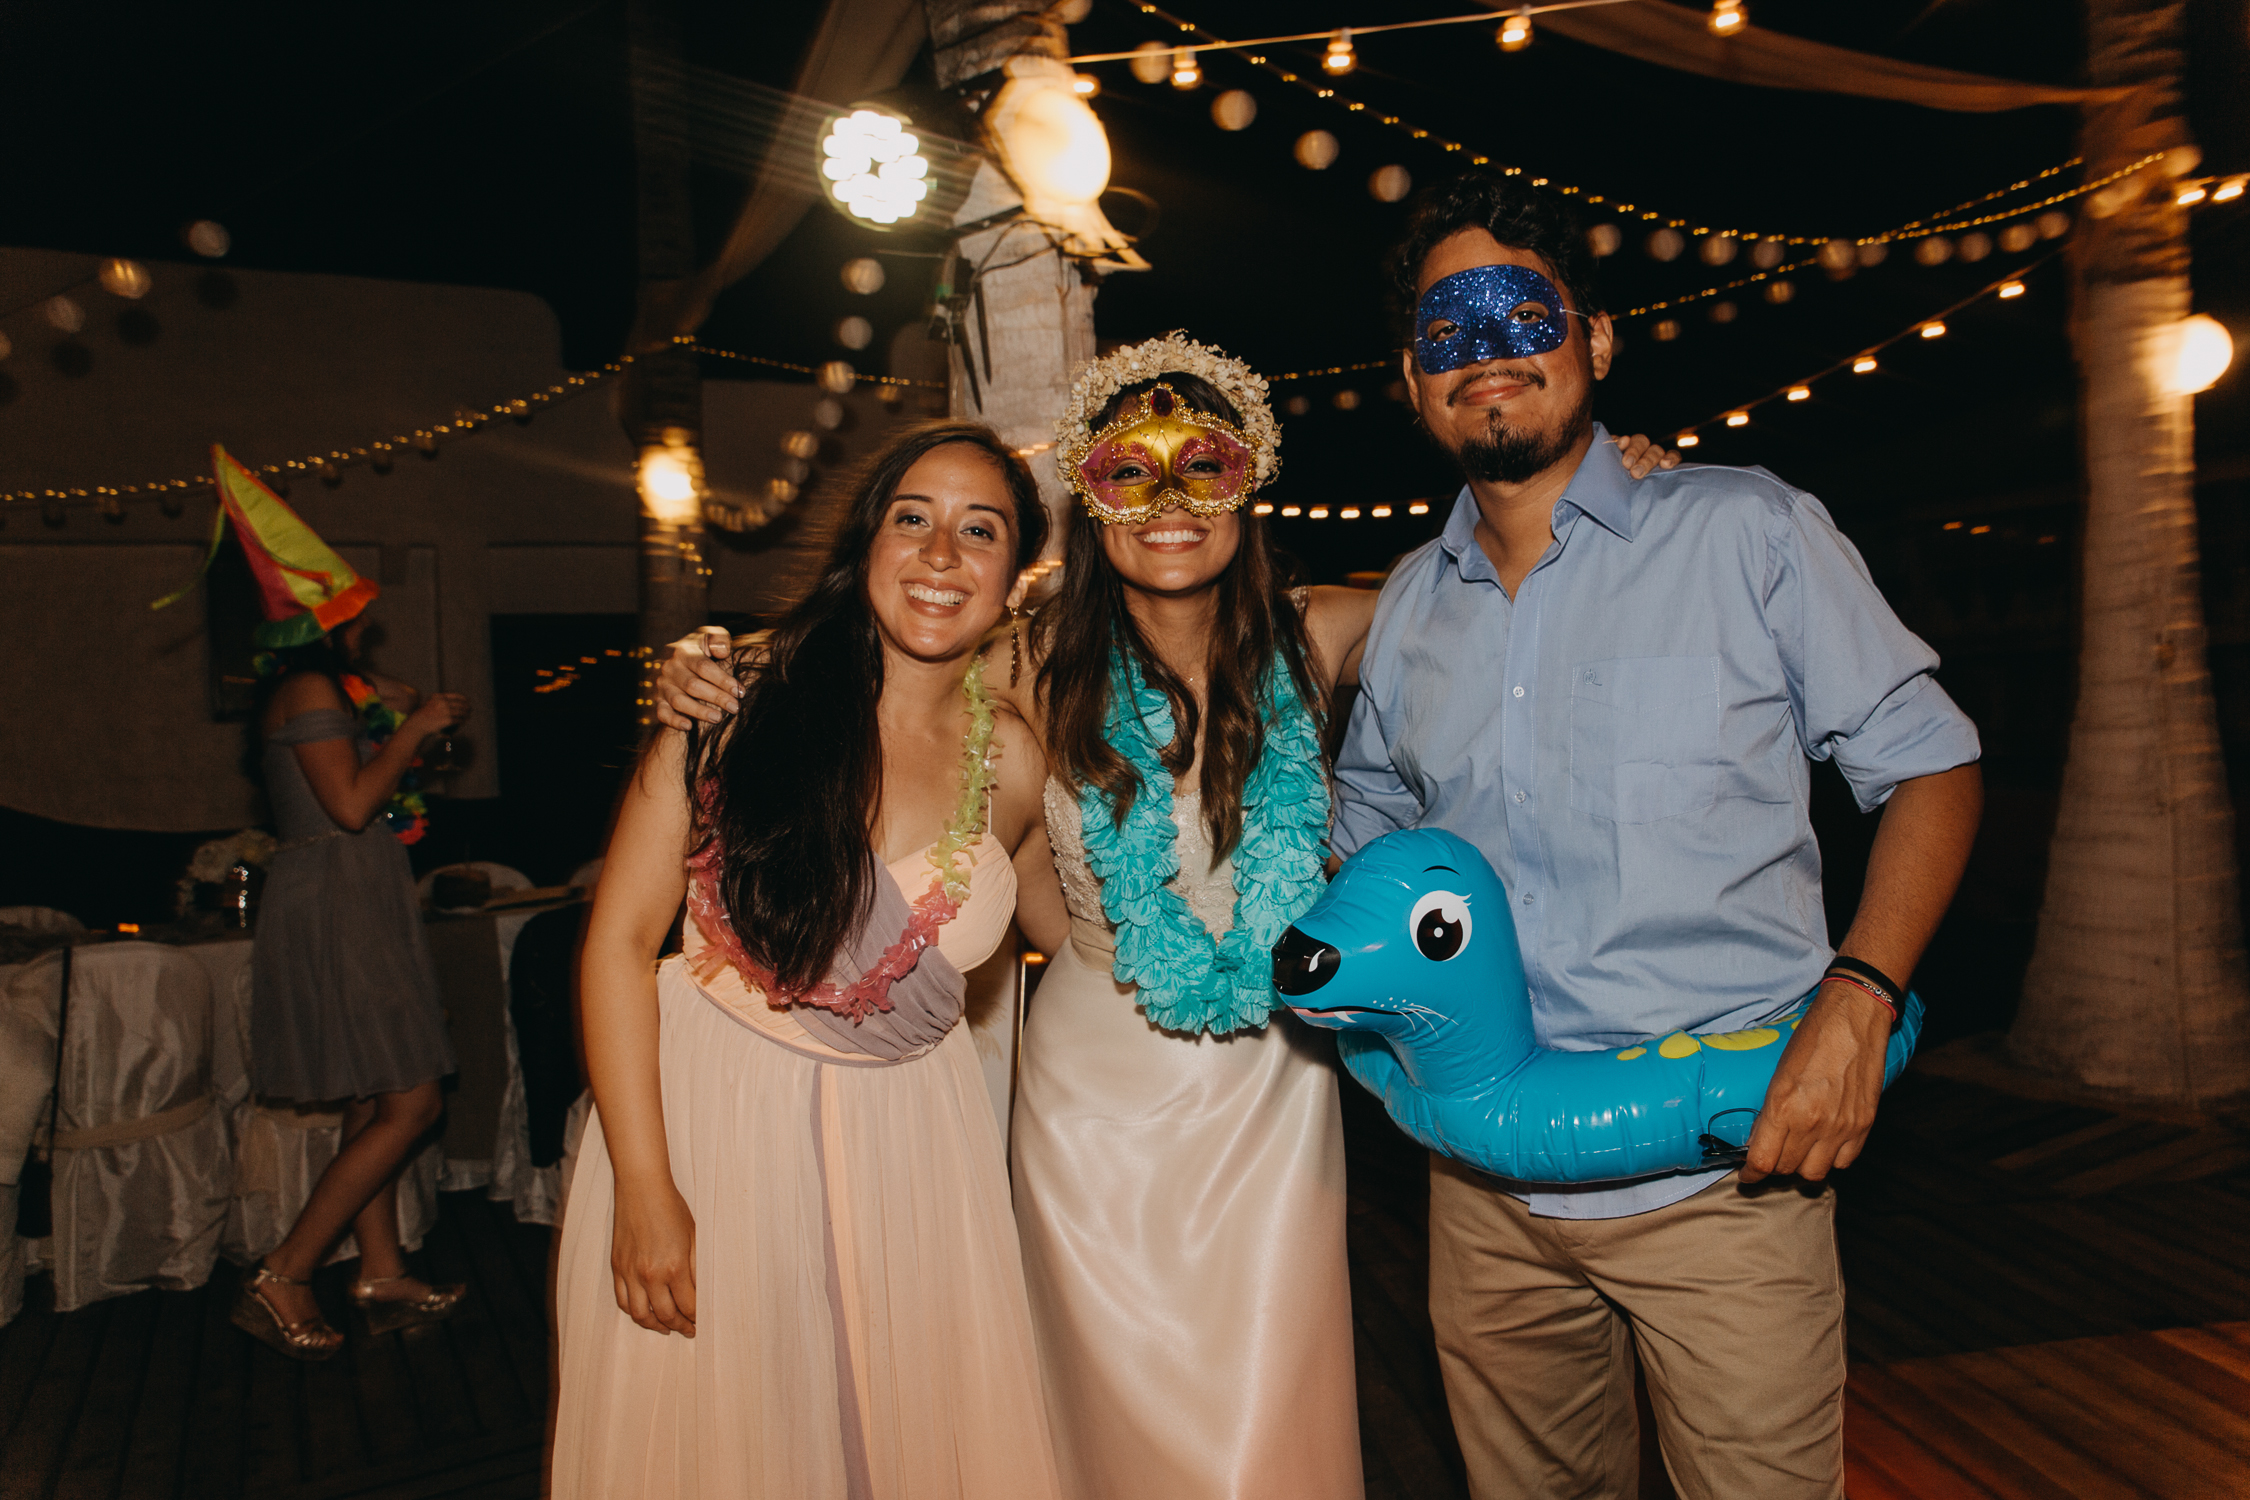 Michelle-Agurto-Fotografia-Bodas-Ecuador-Destination-Wedding-Photographer-Galapagos-Andrea-Joaquin-483.JPG